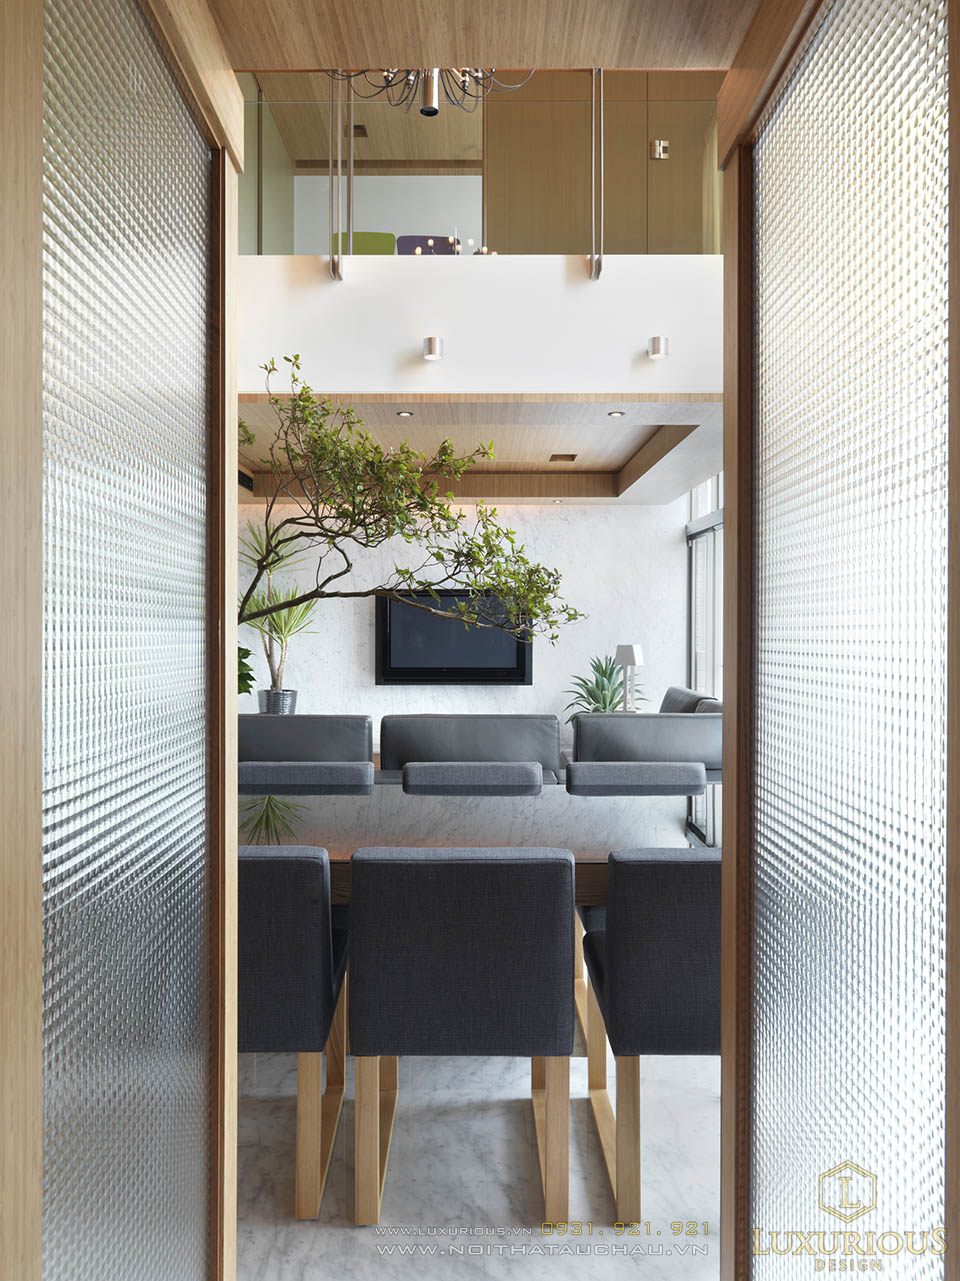 Thi công nội thất nhà phố 2 tầng 5x15m phòng khách hiện đại